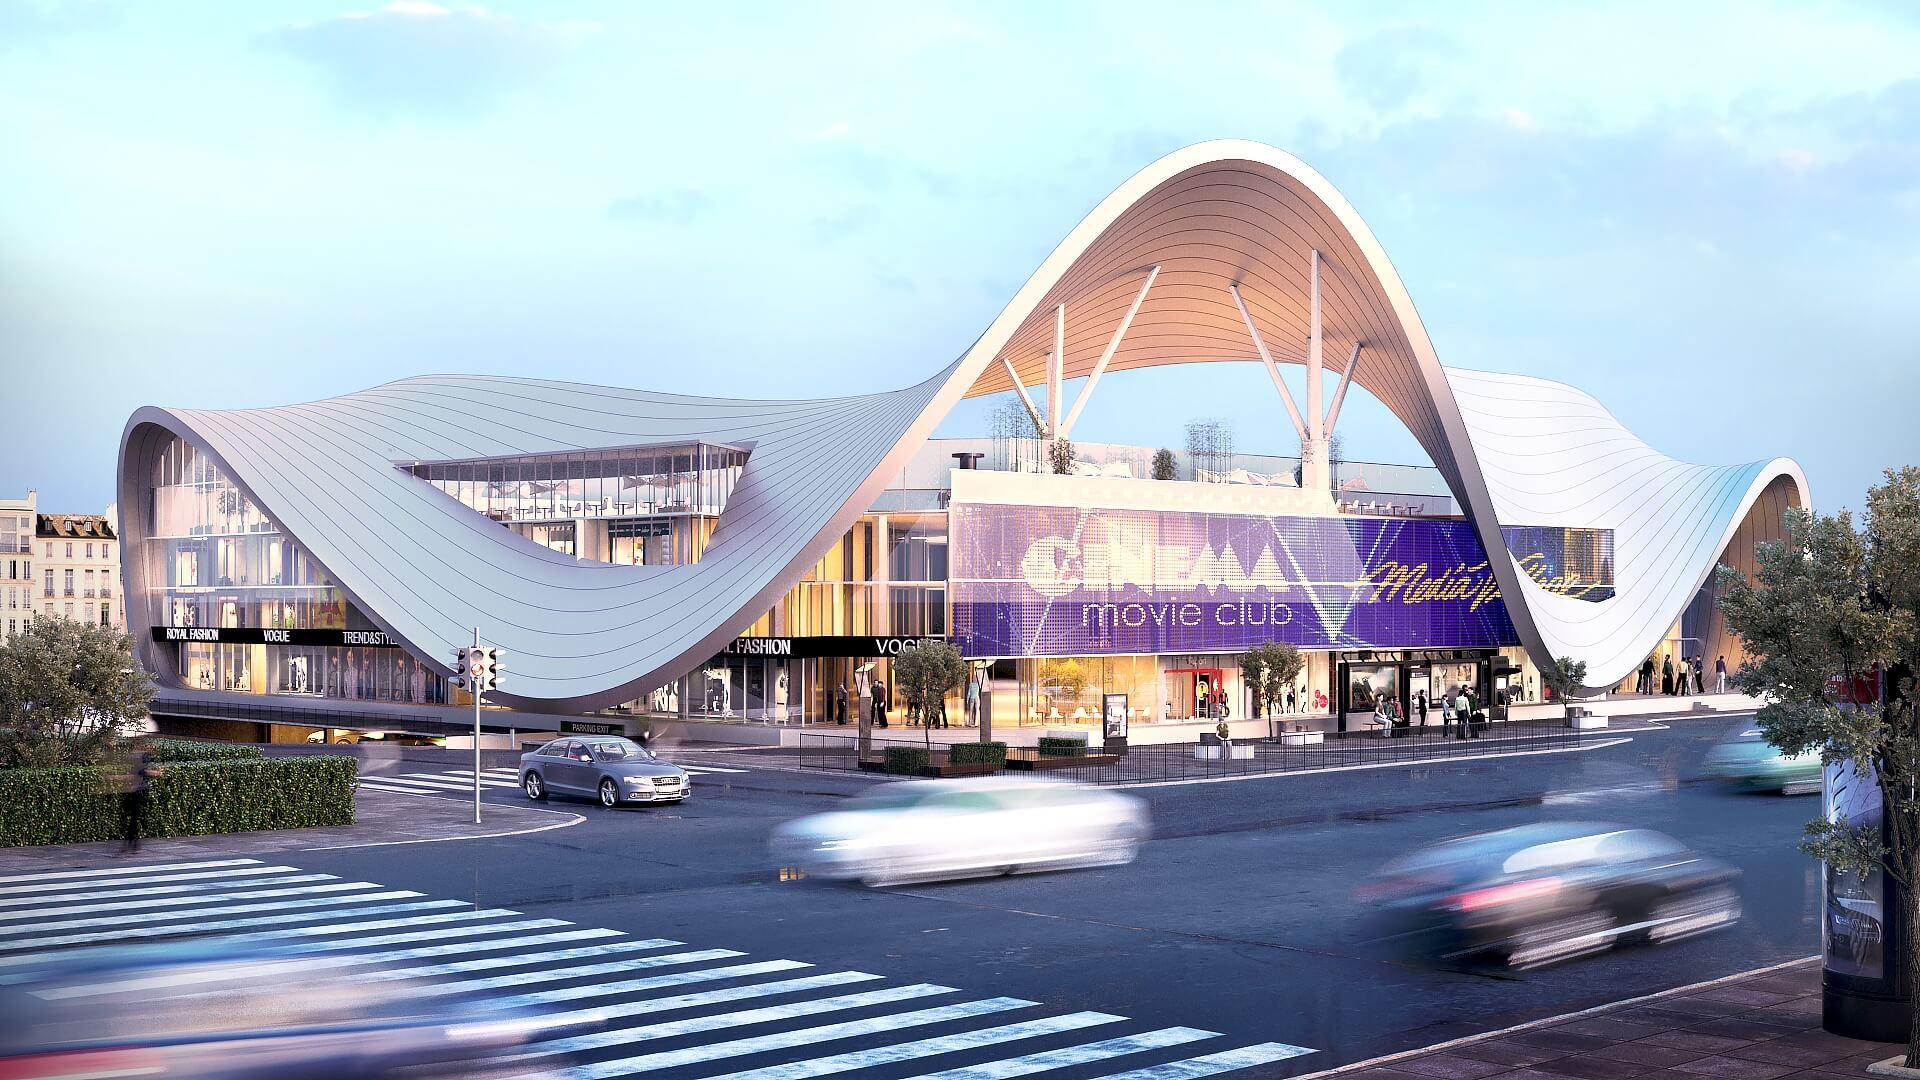 3D Rendering of a Modern Shopping Center